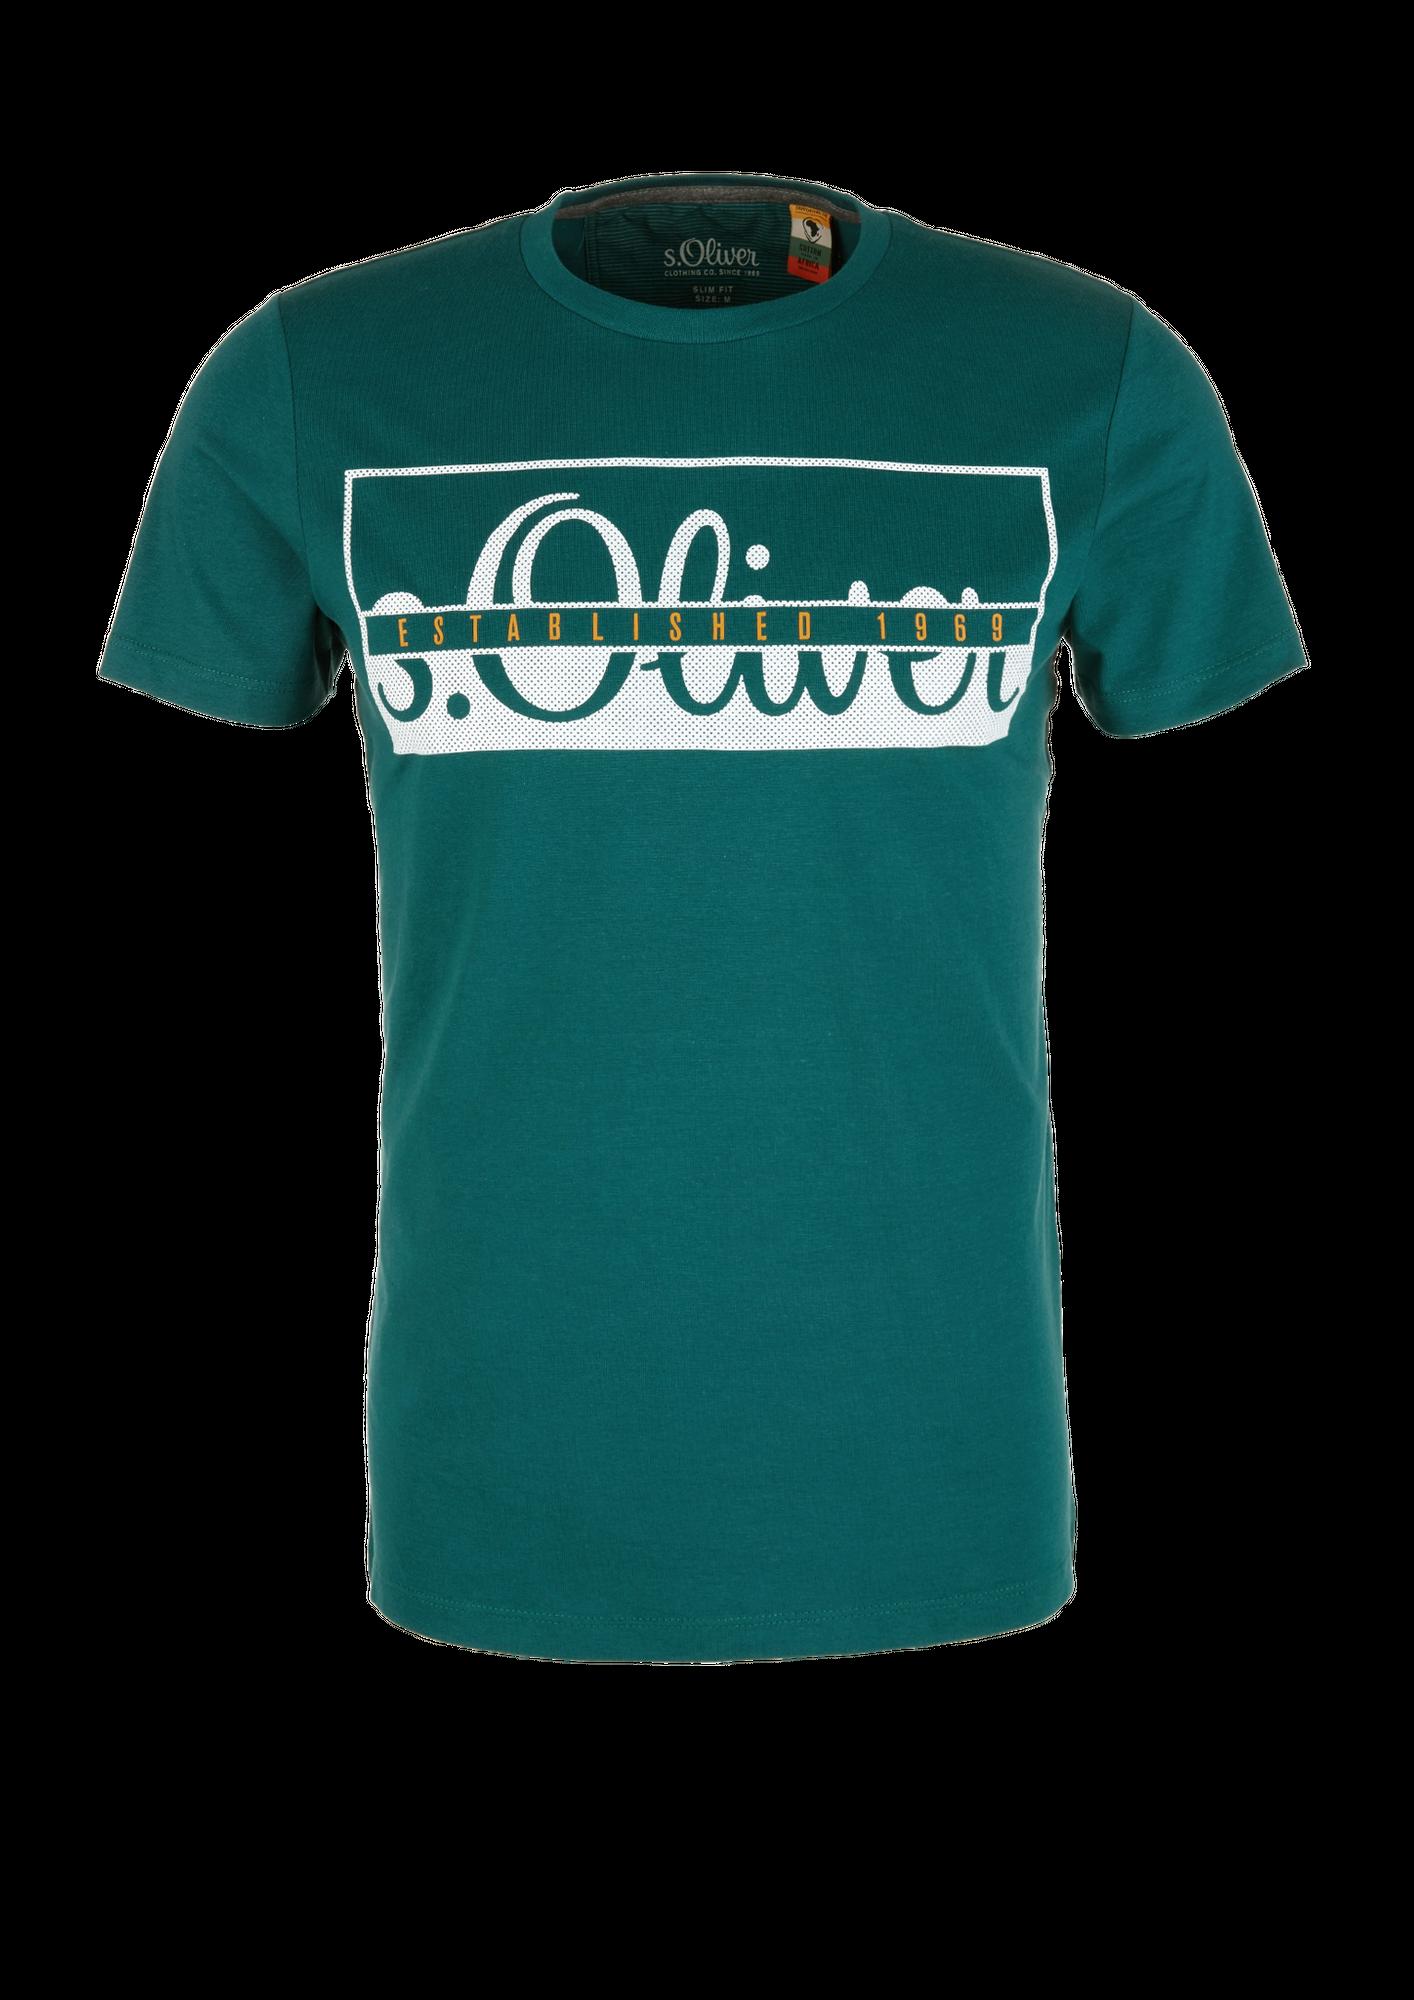 s.Oliver Herren T-Shirt, Rundhals Slim Fit, 2 Stück – Bild 23